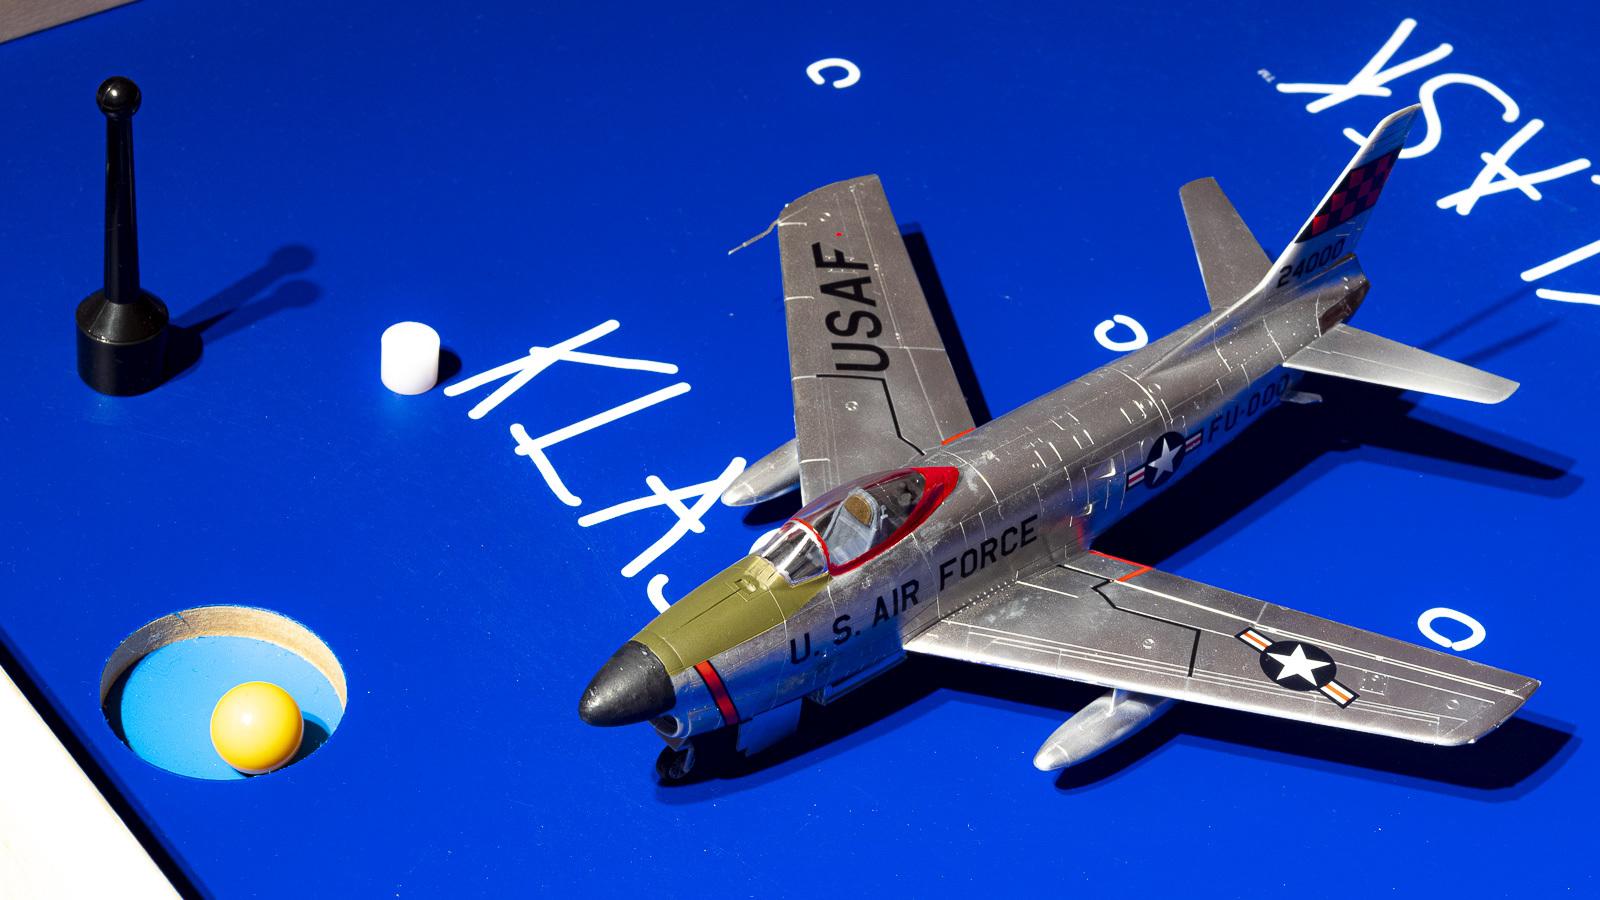 飛行機プラモの合わせ目、横から見たら見えない説_b0029315_16450428.jpg